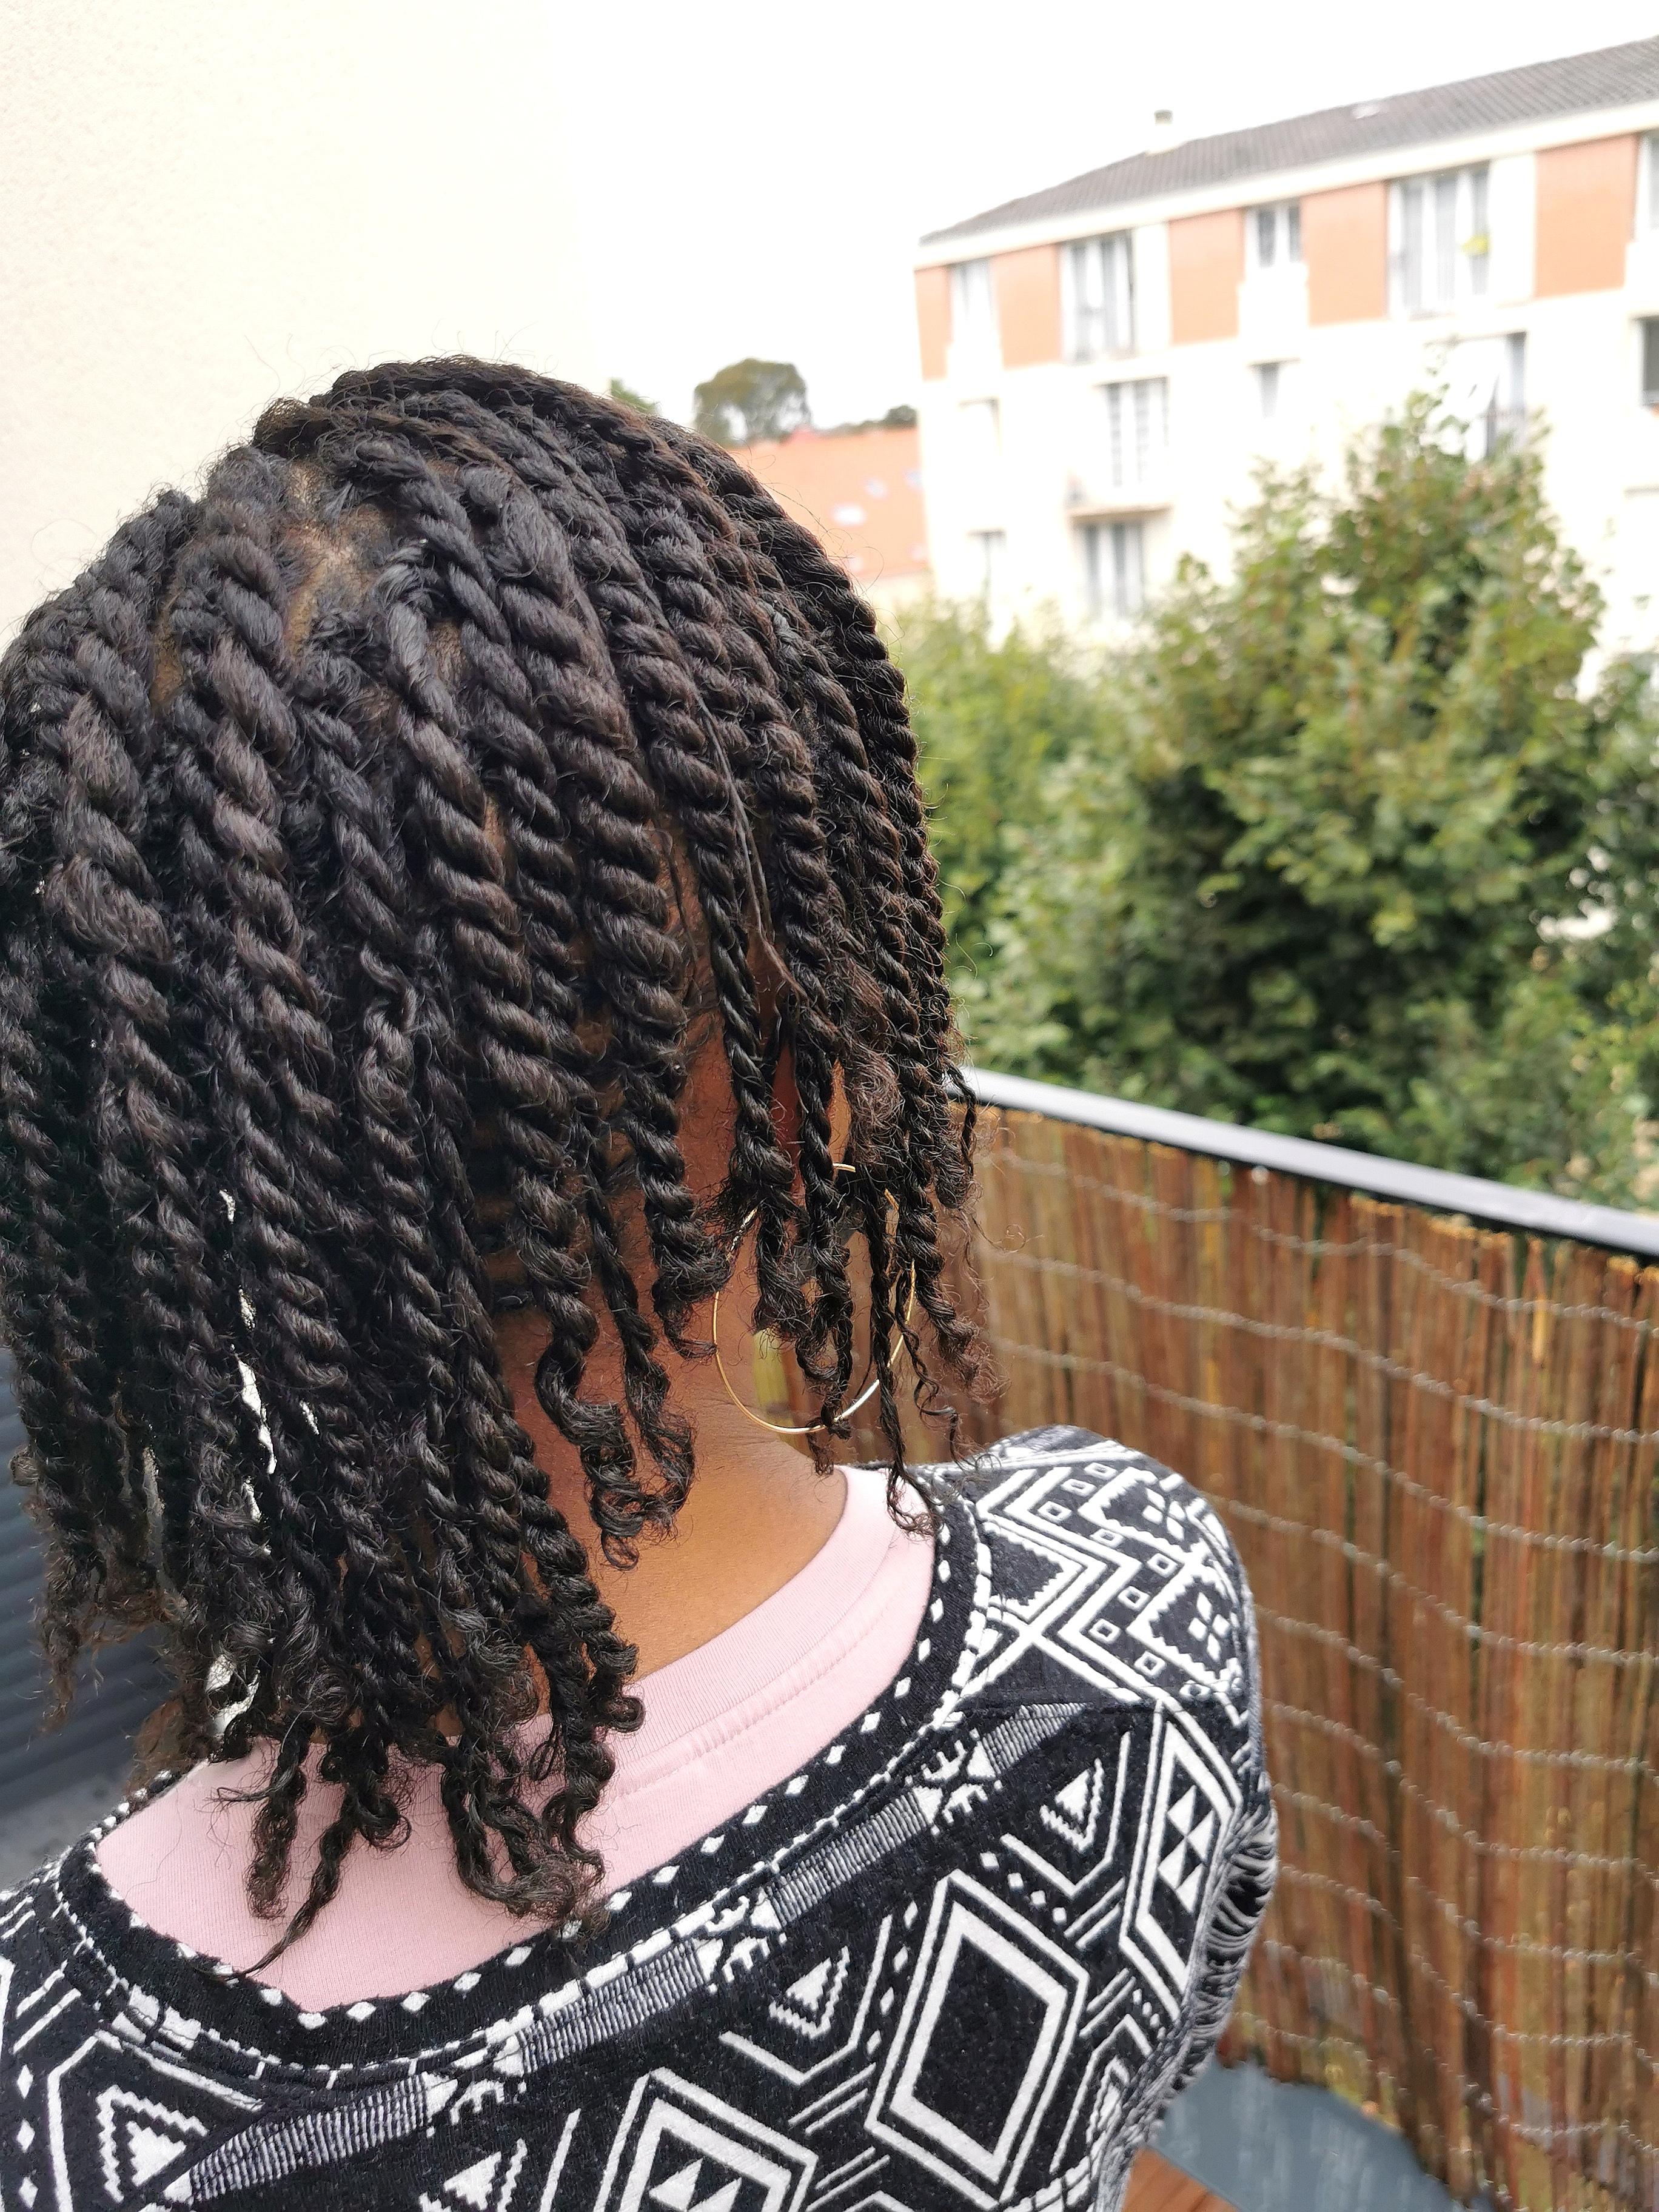 salon de coiffure afro tresse tresses box braids crochet braids vanilles tissages paris 75 77 78 91 92 93 94 95 AKOZTCUO